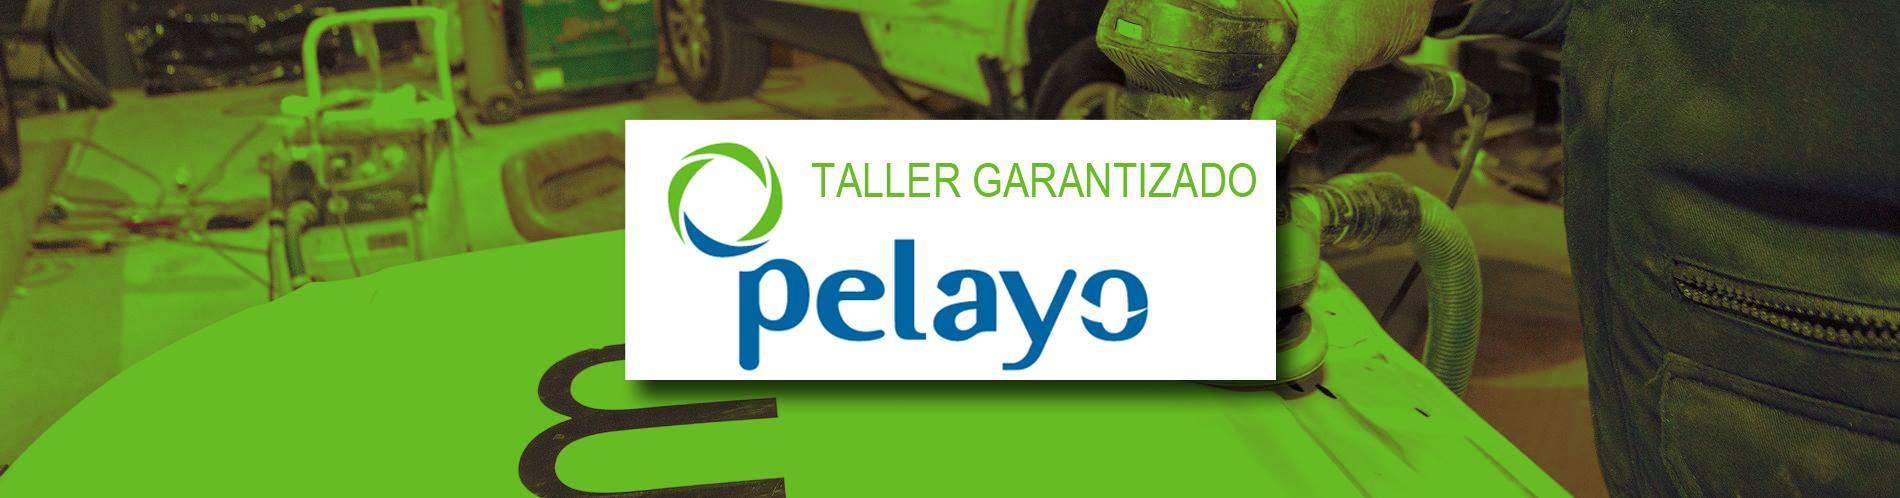 Talleres de chapa y pintura PELAYO - Palma de Mallorca